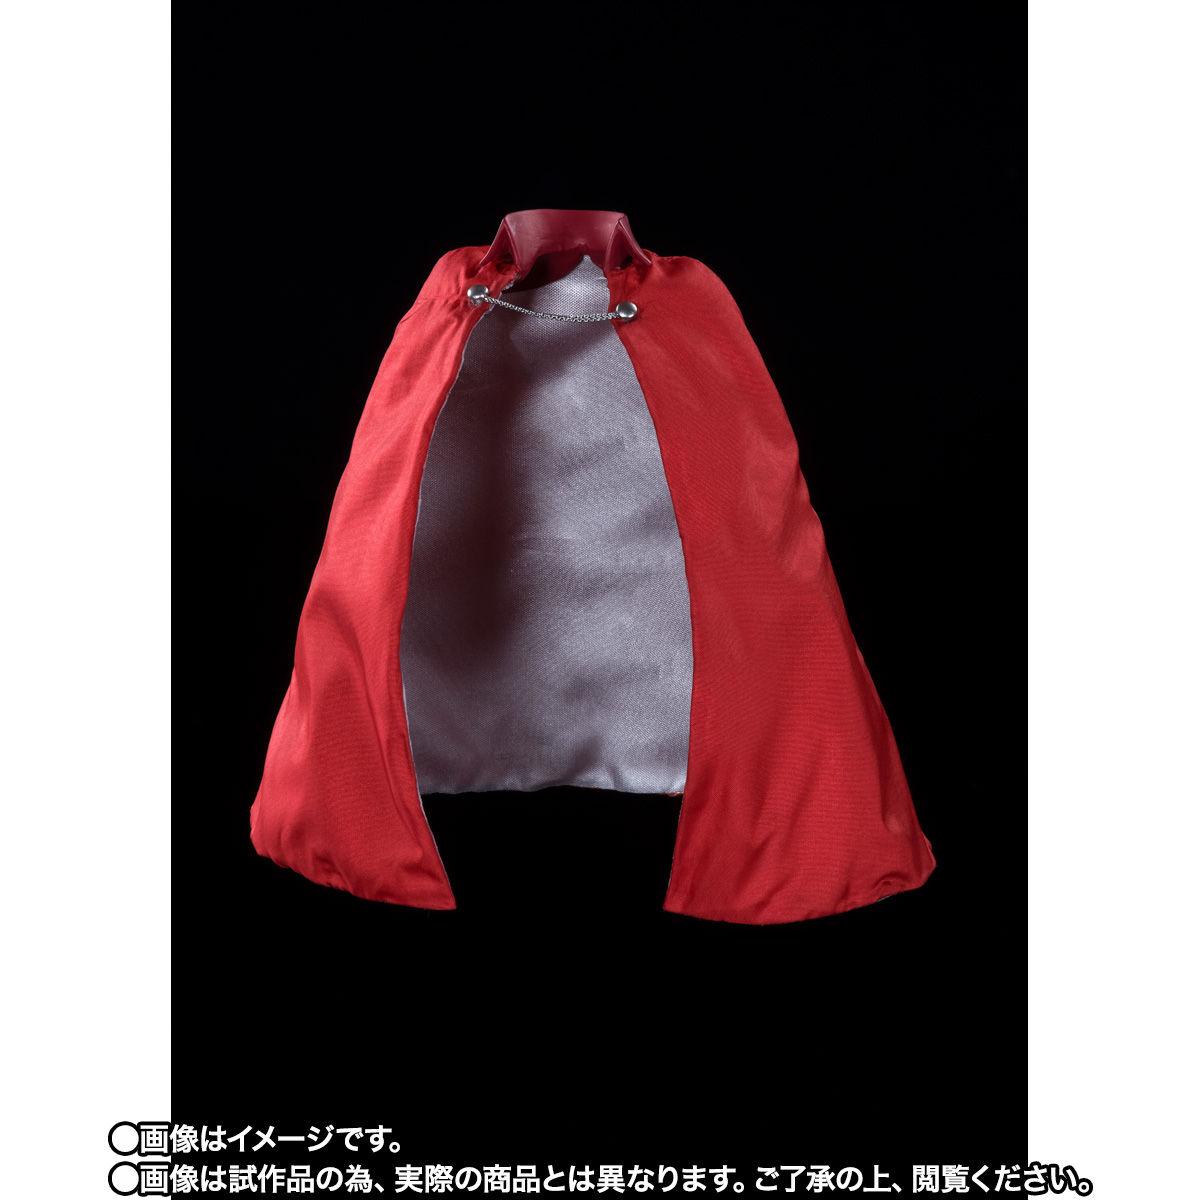 【限定販売】S.H.Figuarts『ブラザーズマント』アクセサリー-010